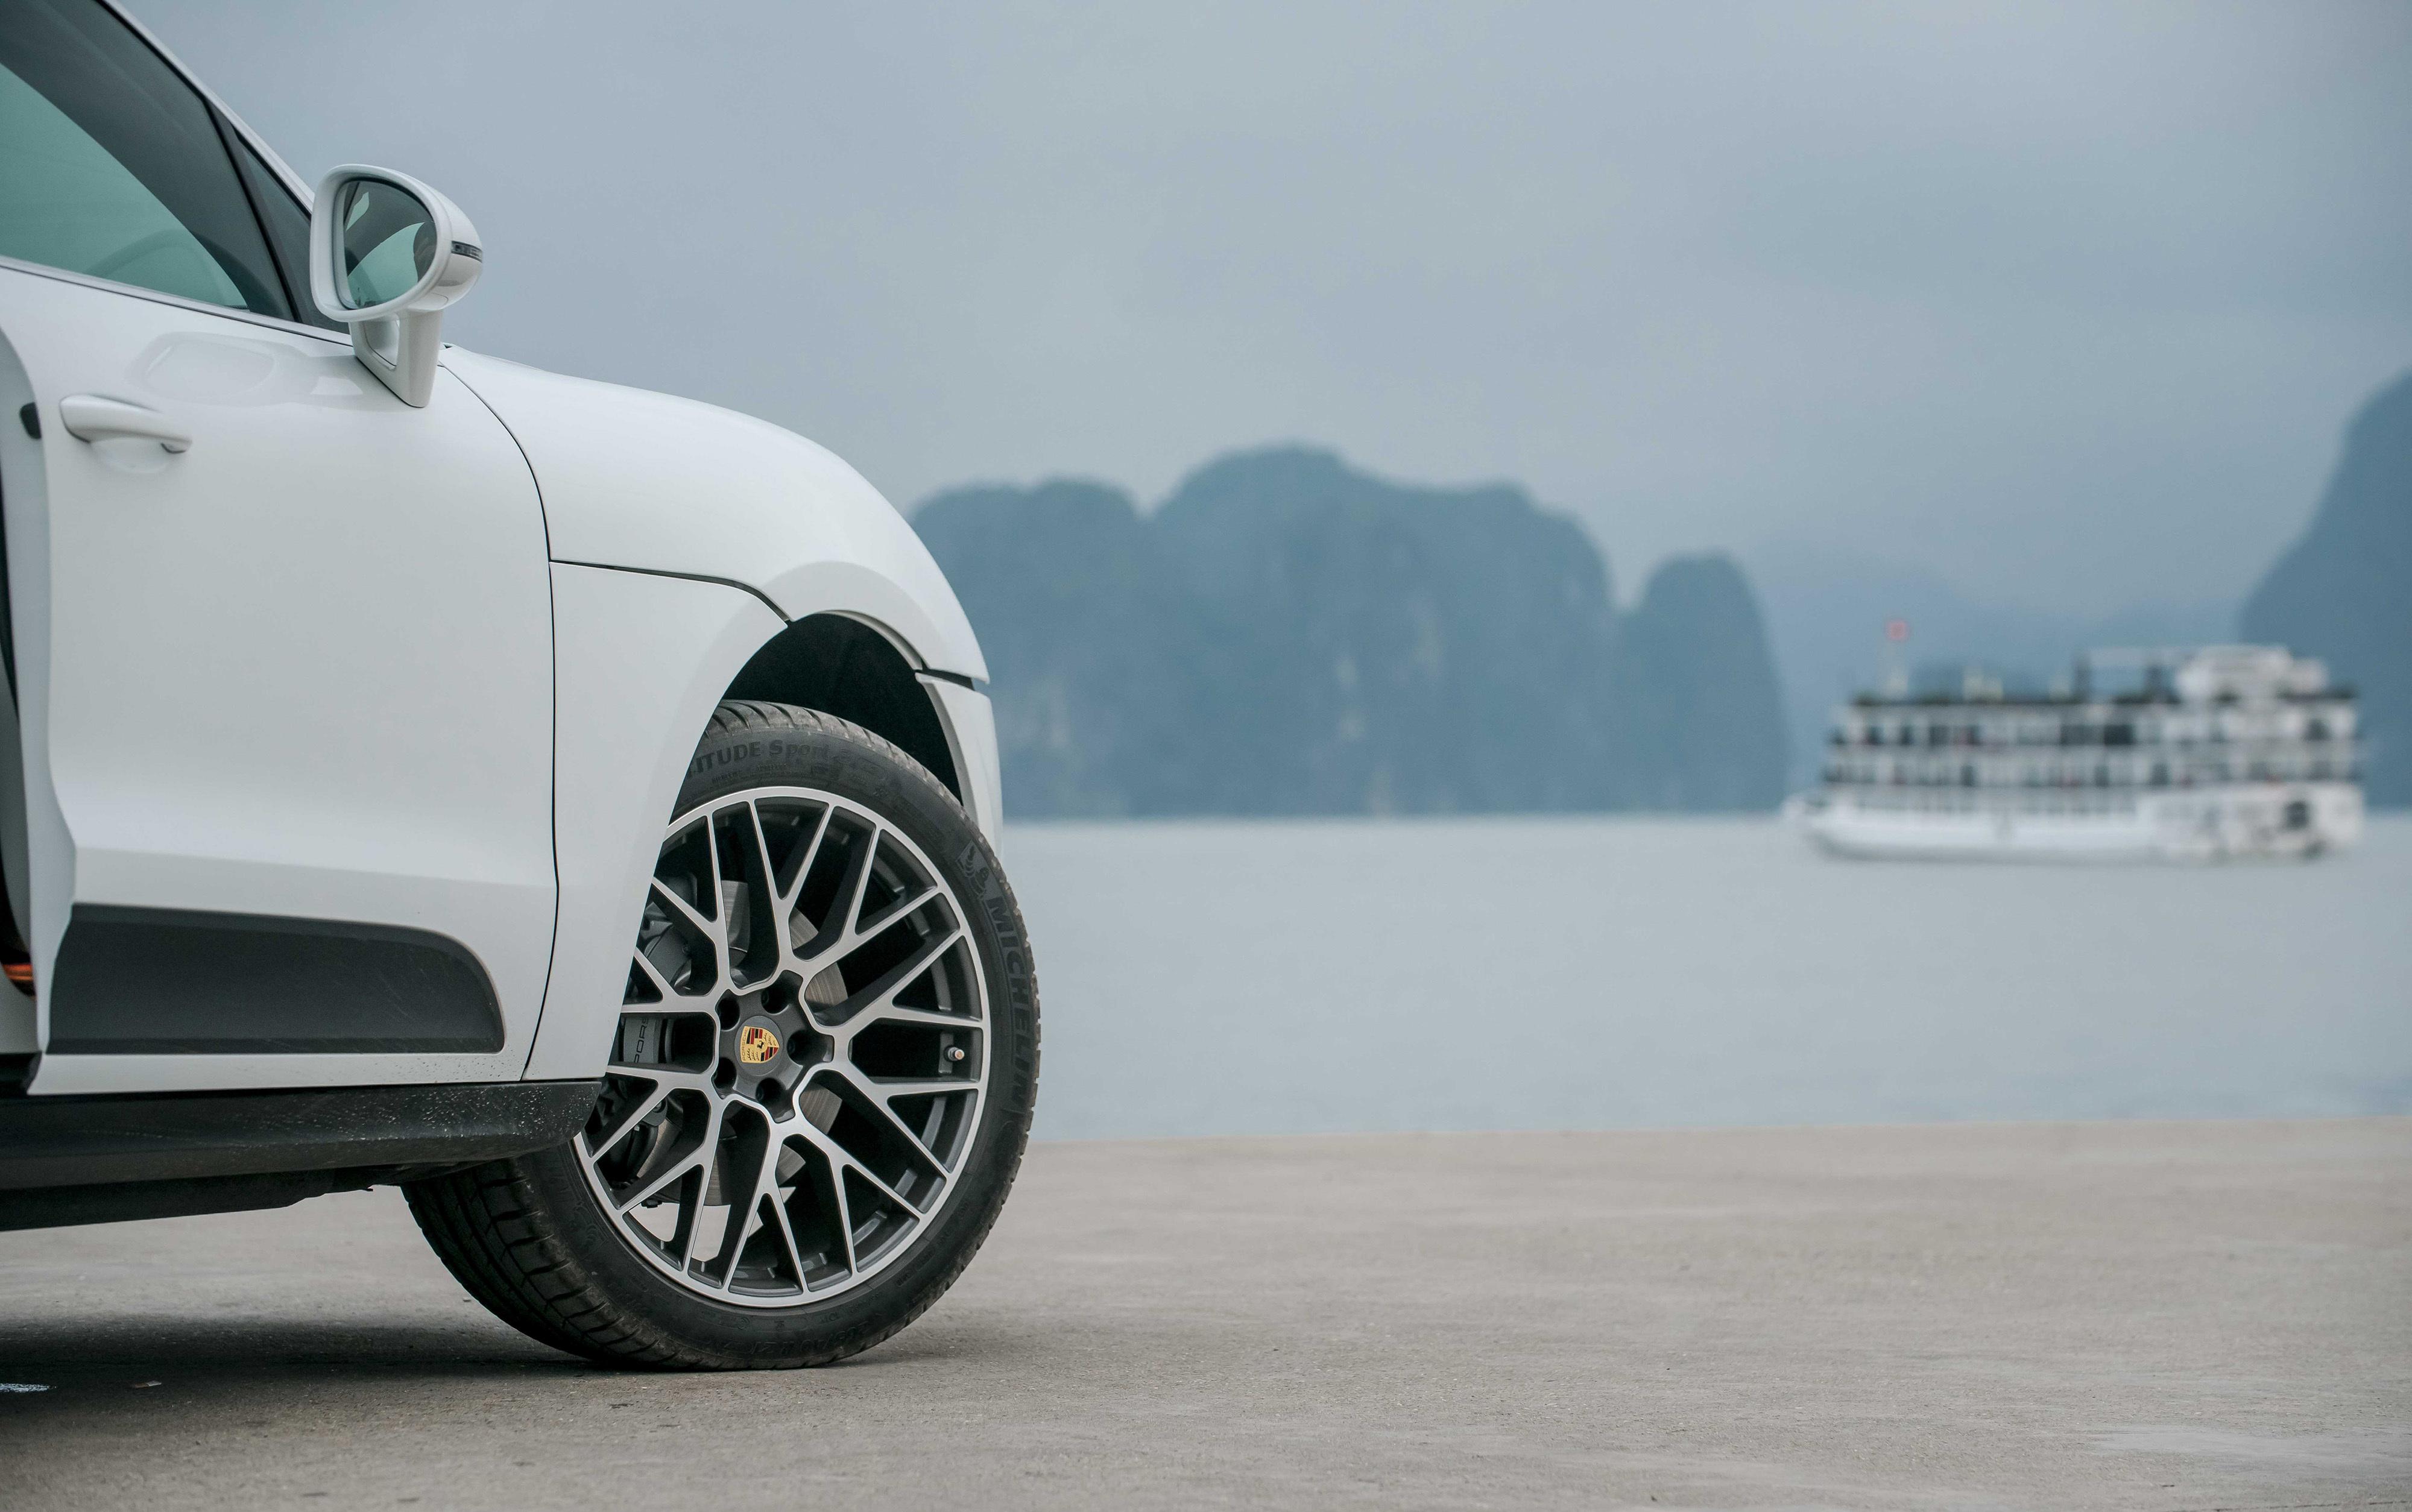 Xe được trang bị bộ mâm 21 inch kiểu RS Spyder. Đây là tuỳ chọn thêm với giá hơn 250 triệu đồng